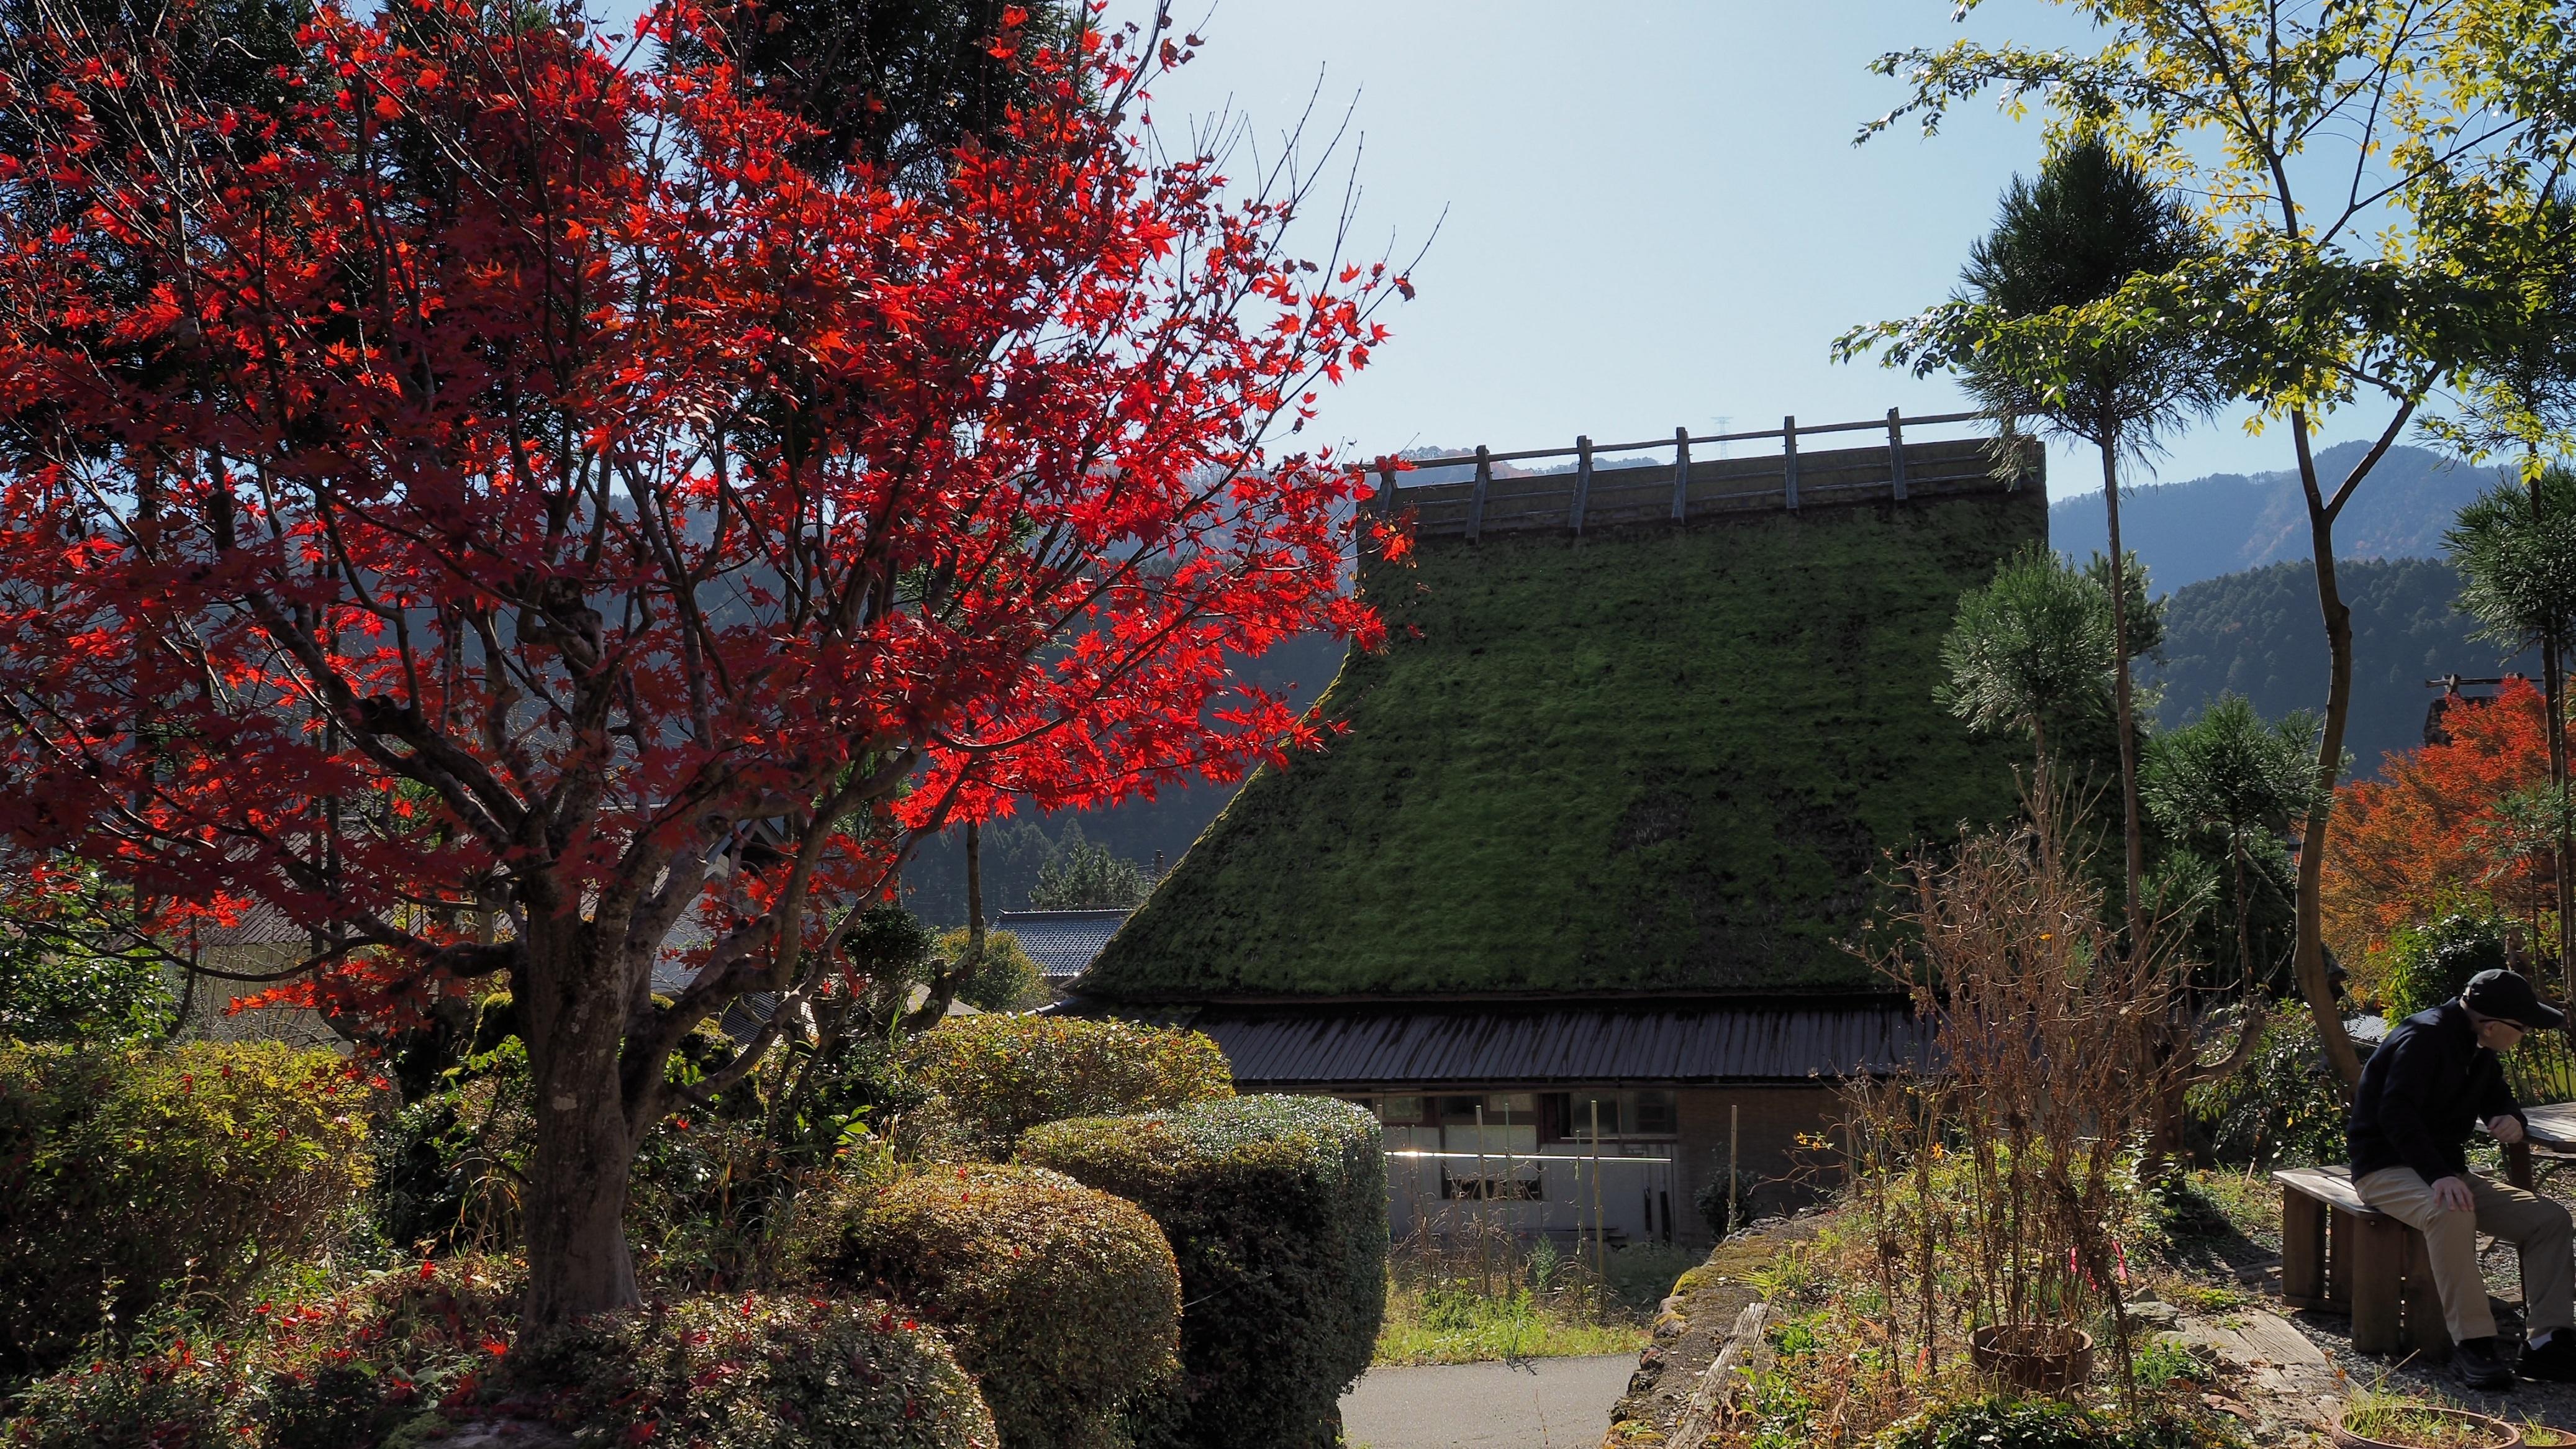 ぴーきち&ダイナ 美山 かやぶきの里ツーリング 紅葉